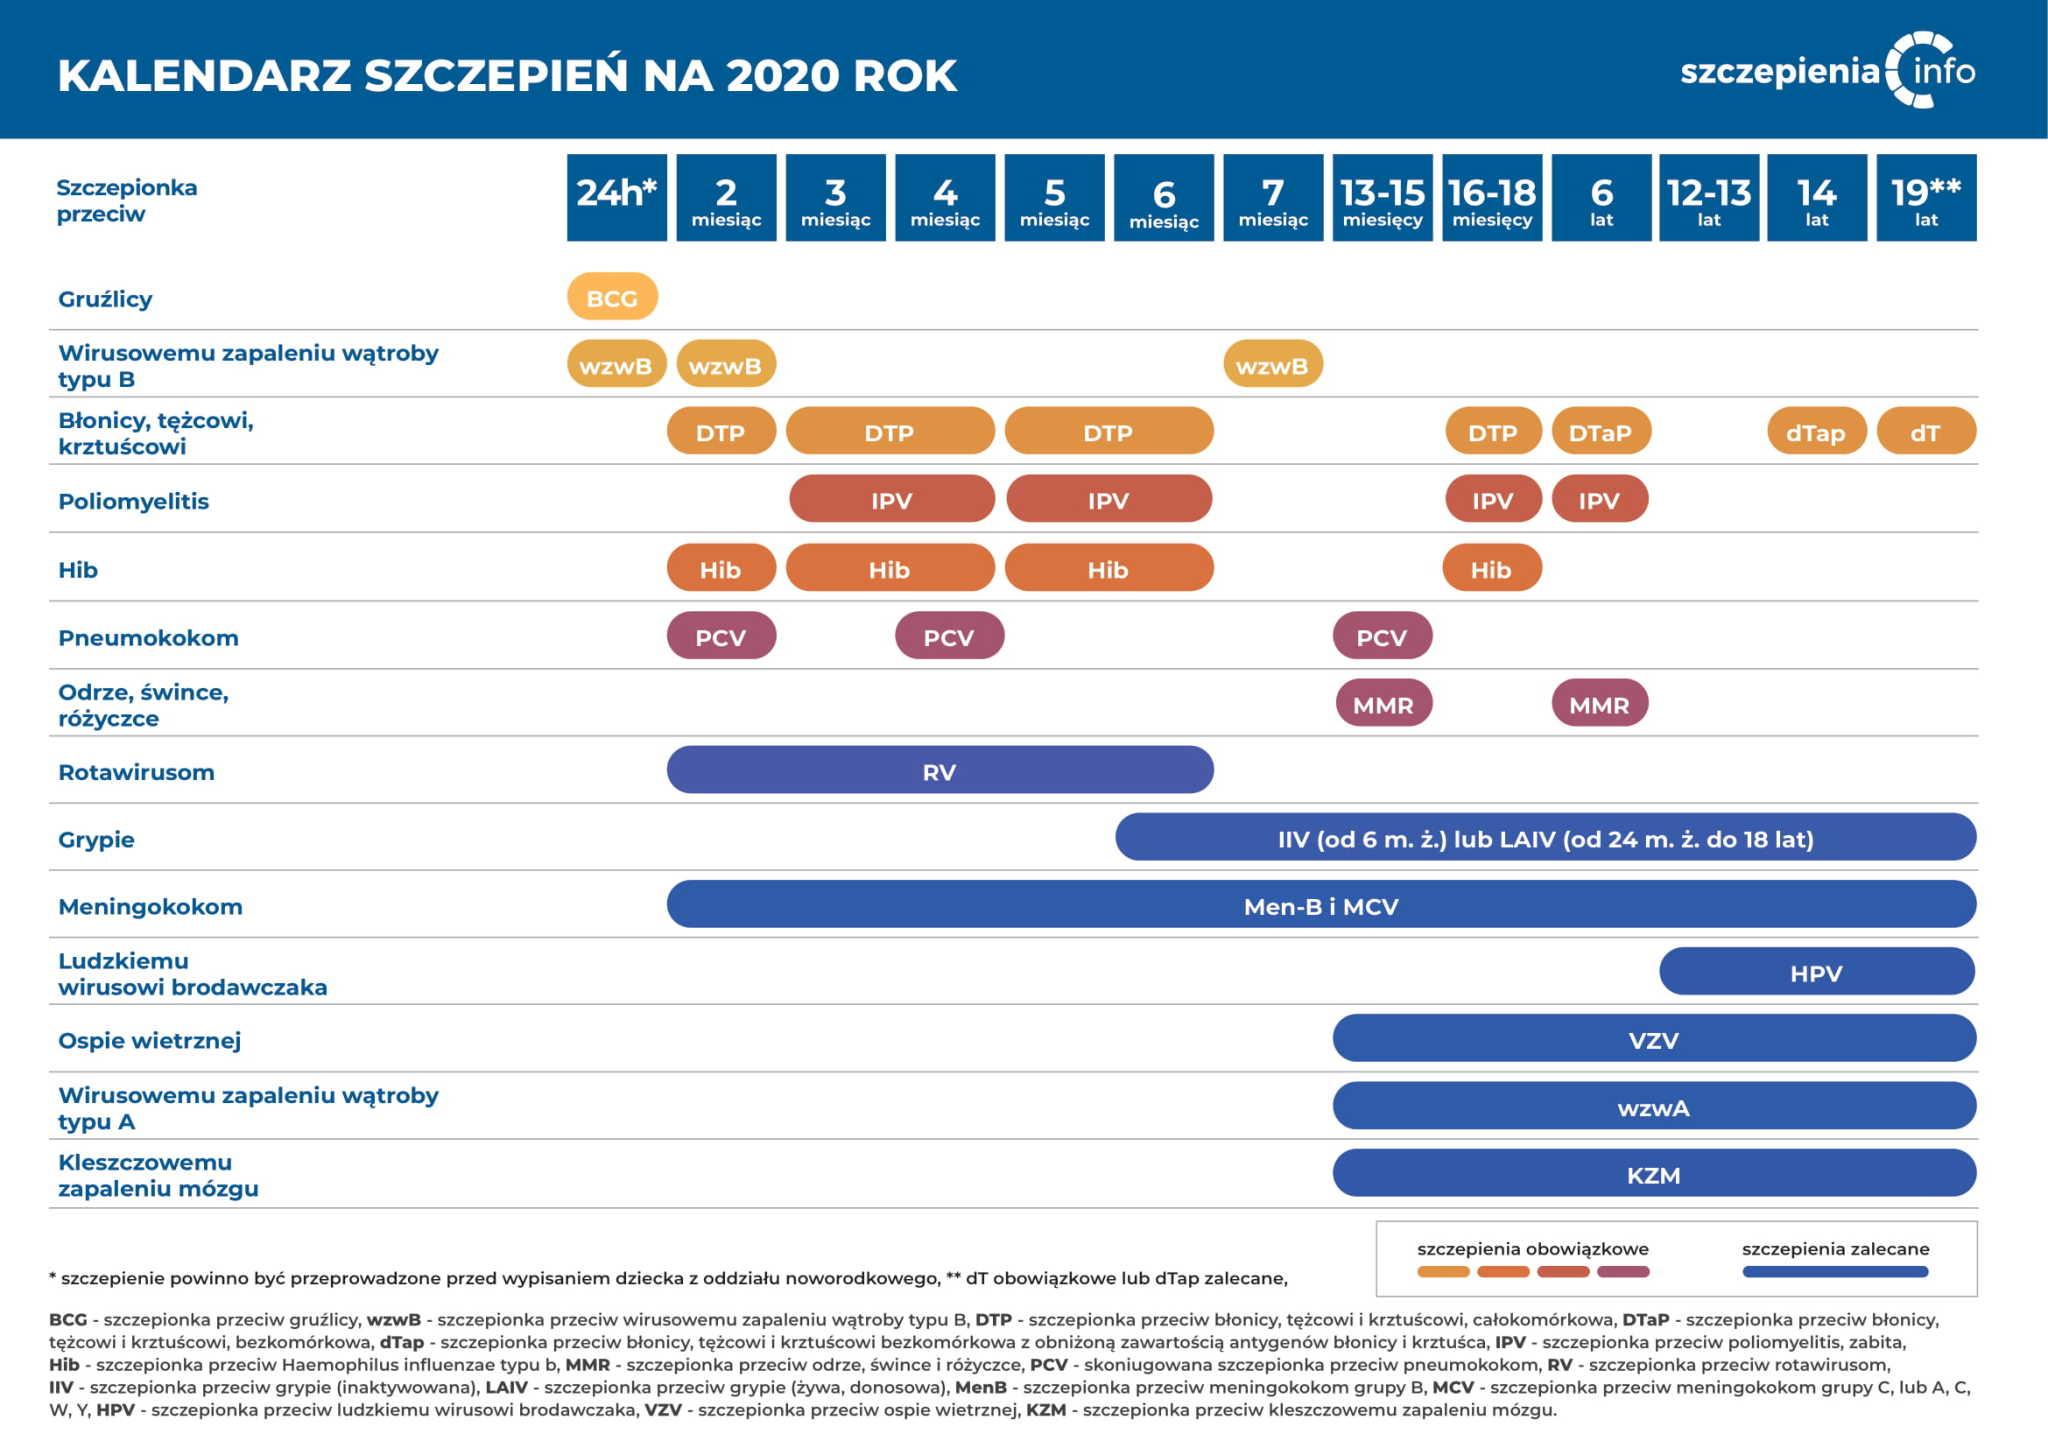 Kalendarz szczepień na 2020 rok